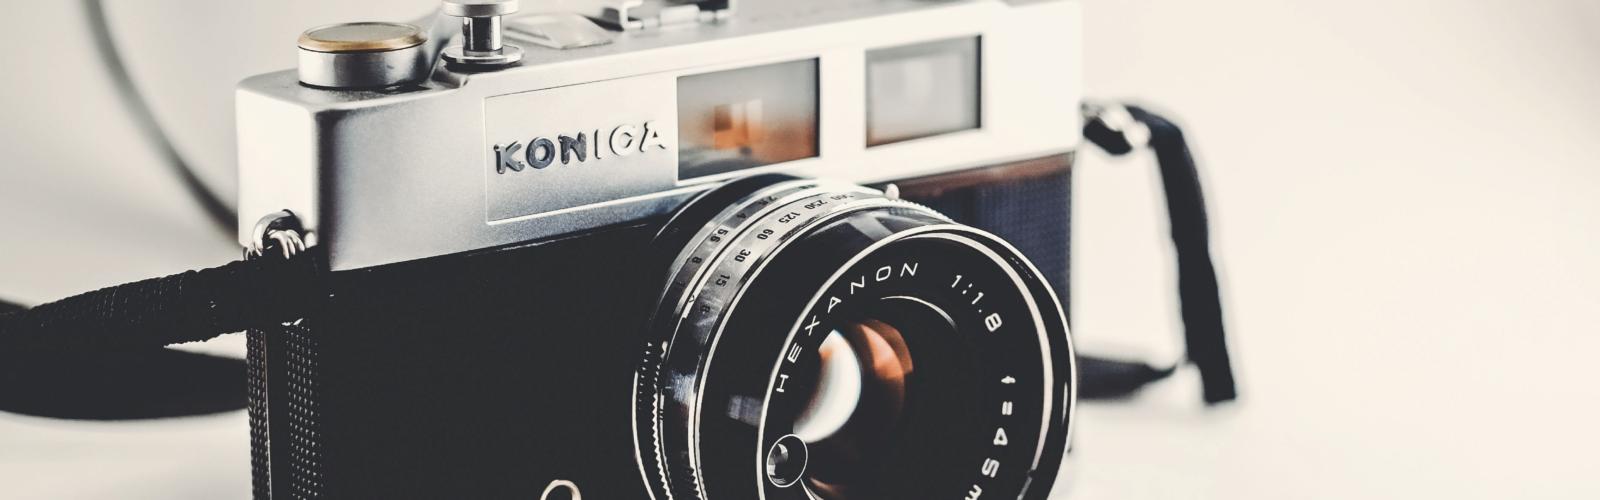 Choisissez la solution pour réaliser vos photos immobilières - Meilleure Visite